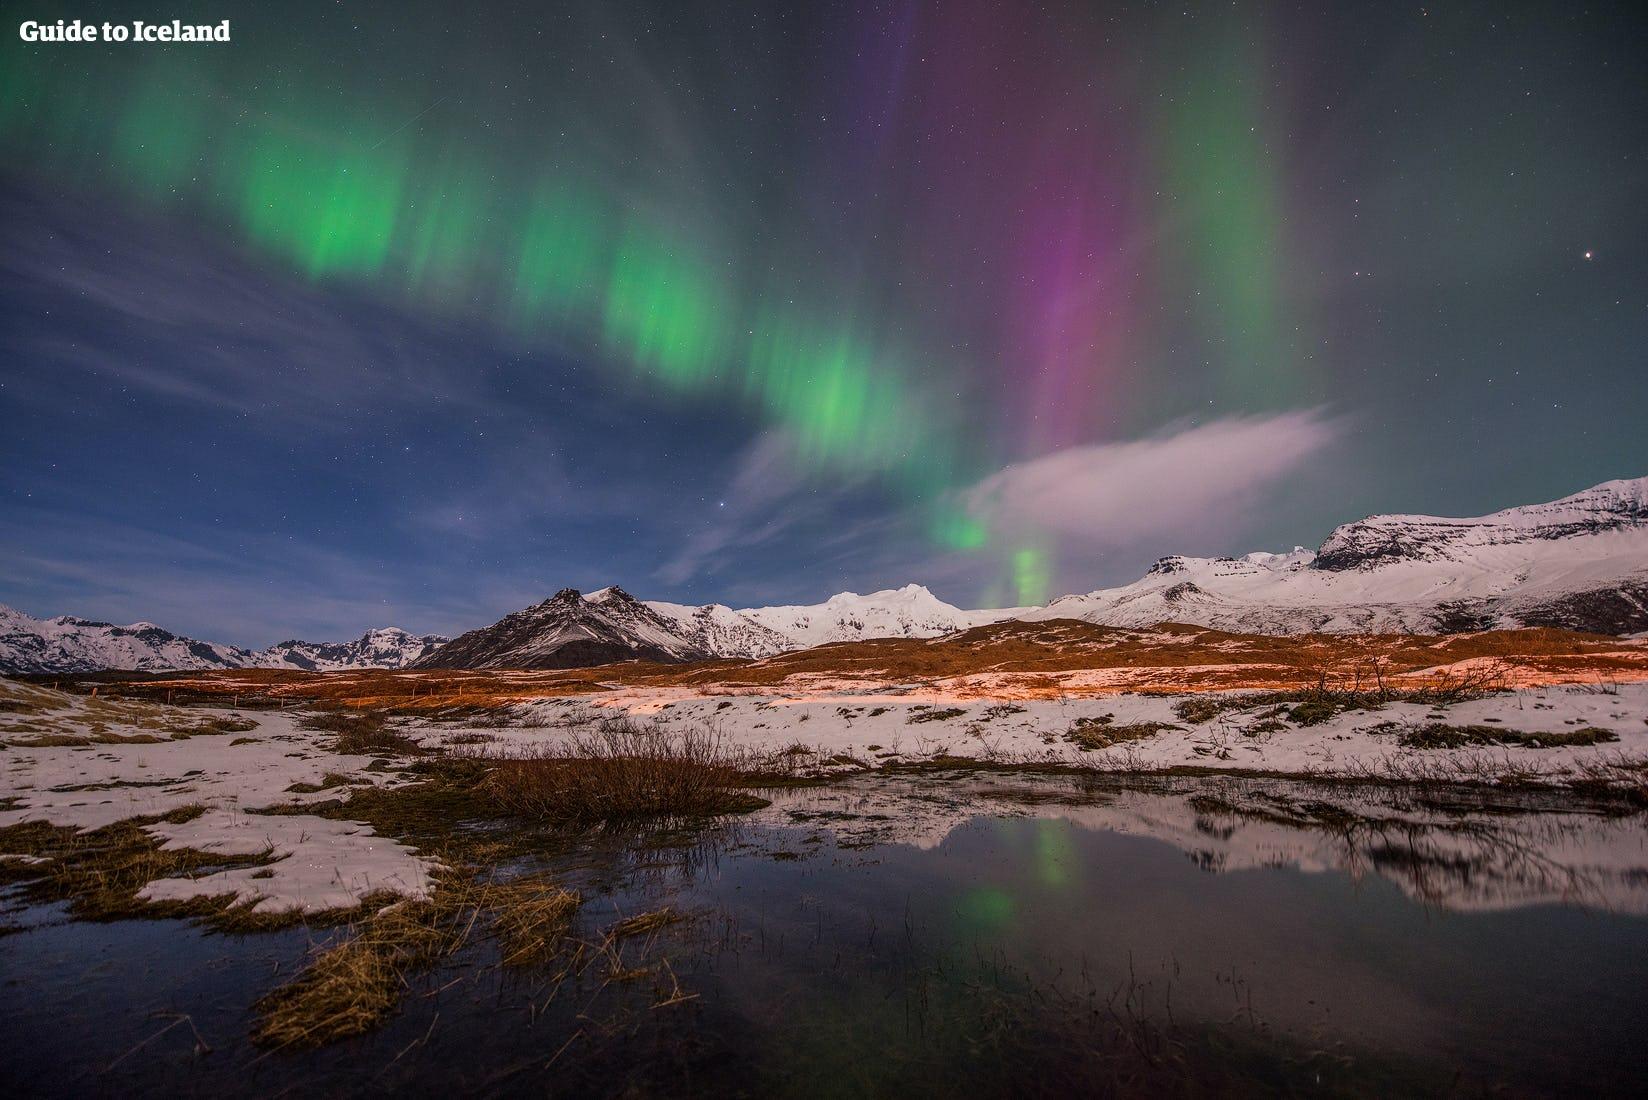 Bereise Island im Winter und beobachte die tanzenden Nordlichter am Nachthimmel über dir.